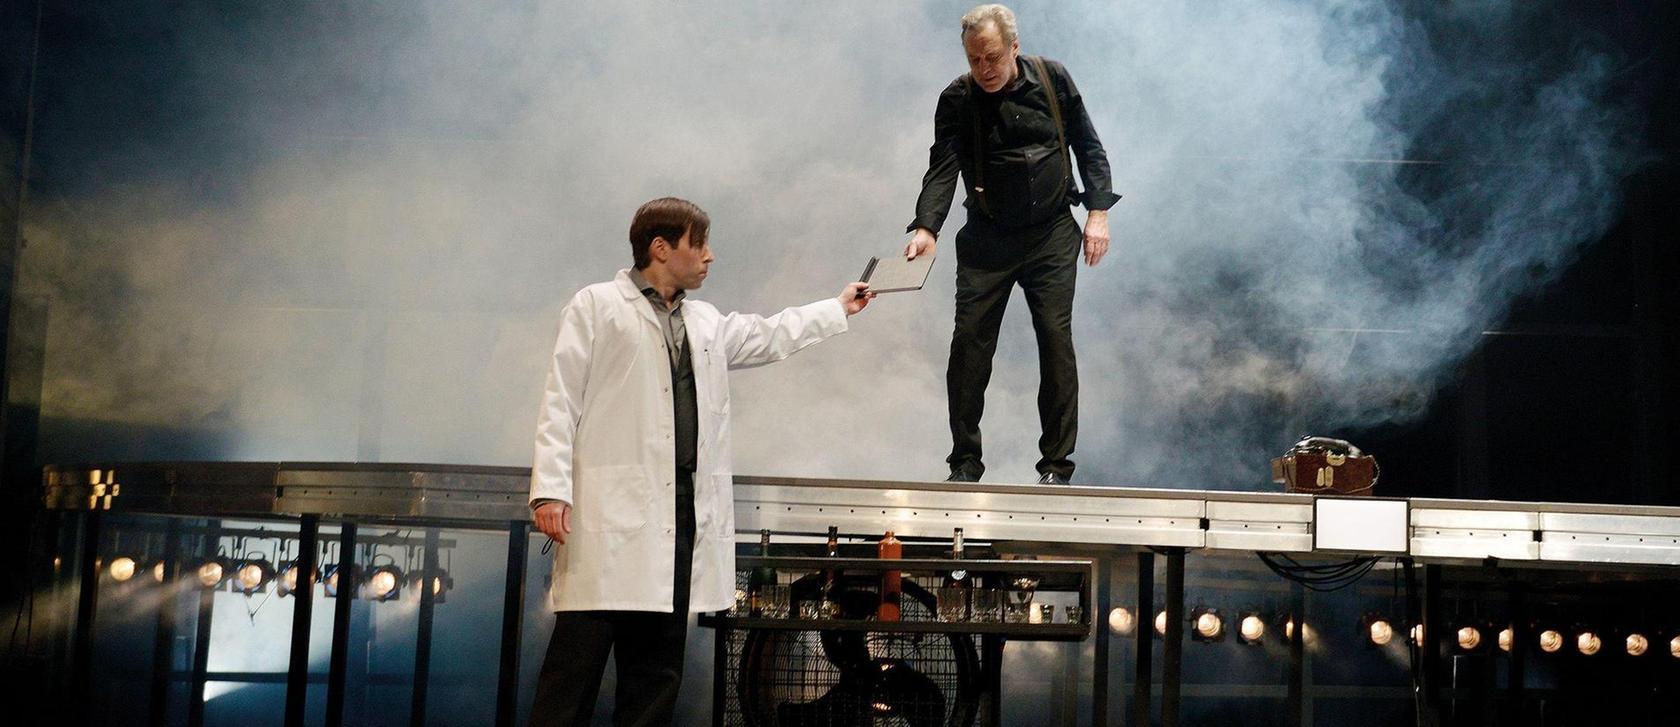 Ausgerechnet Oderbruch (Hans Machowiak) steckt hinter den Sabotageakten, dabei hat ihm General Harras (Gerd Silberbauer) gerade ihm blind vertraut.